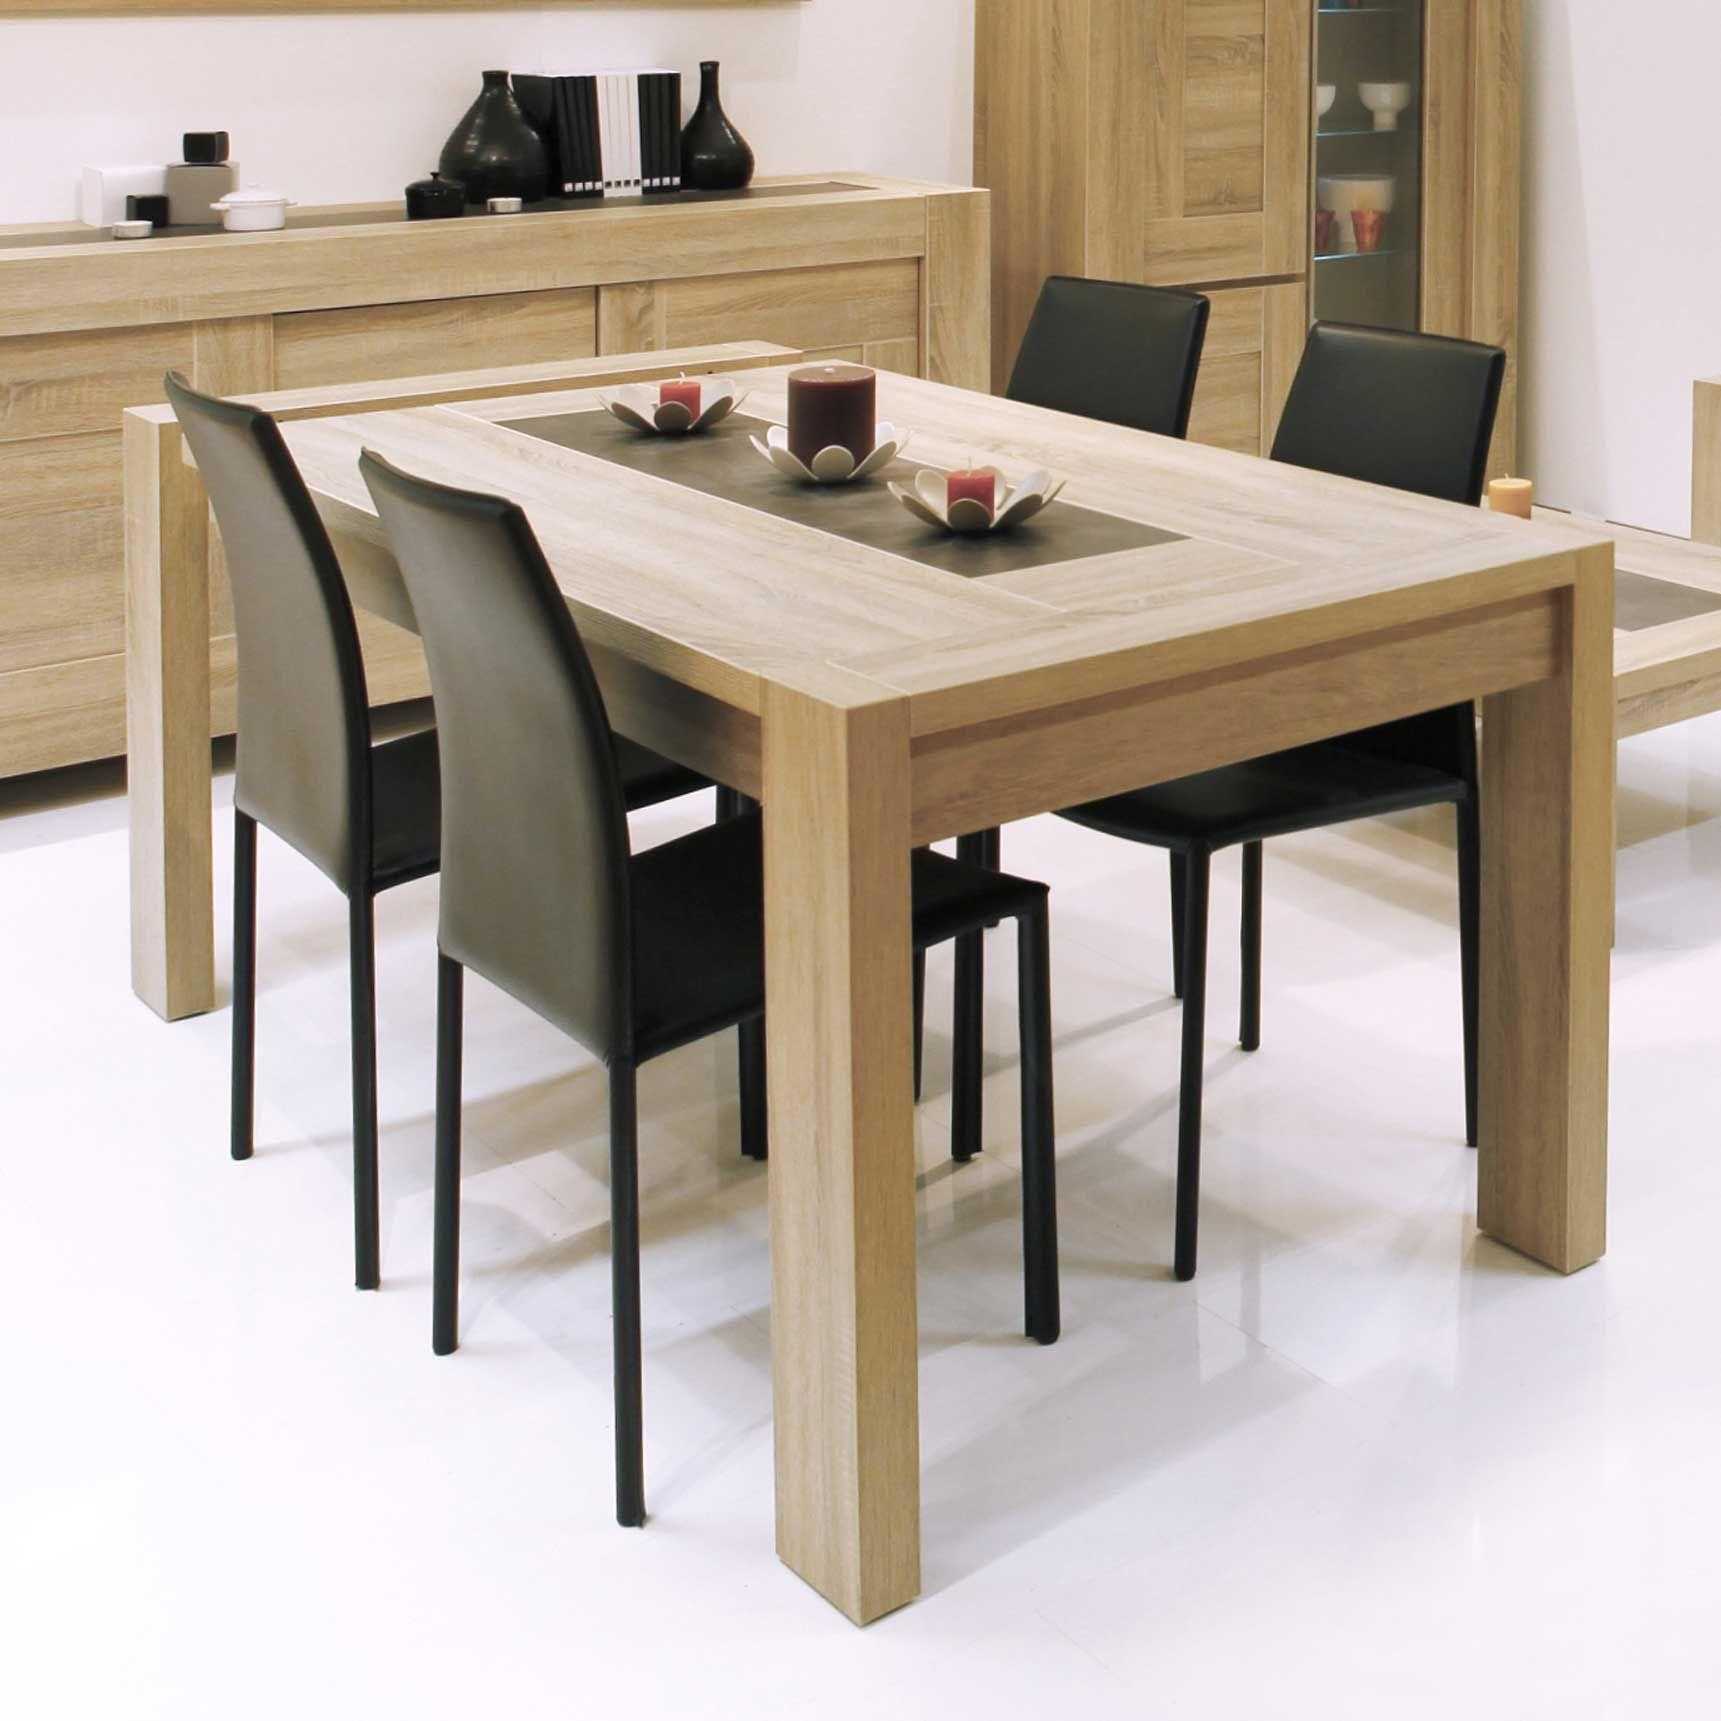 Table à manger rectangulaire bois avec allonge     SALLE A MANGER   042dc4db34a3